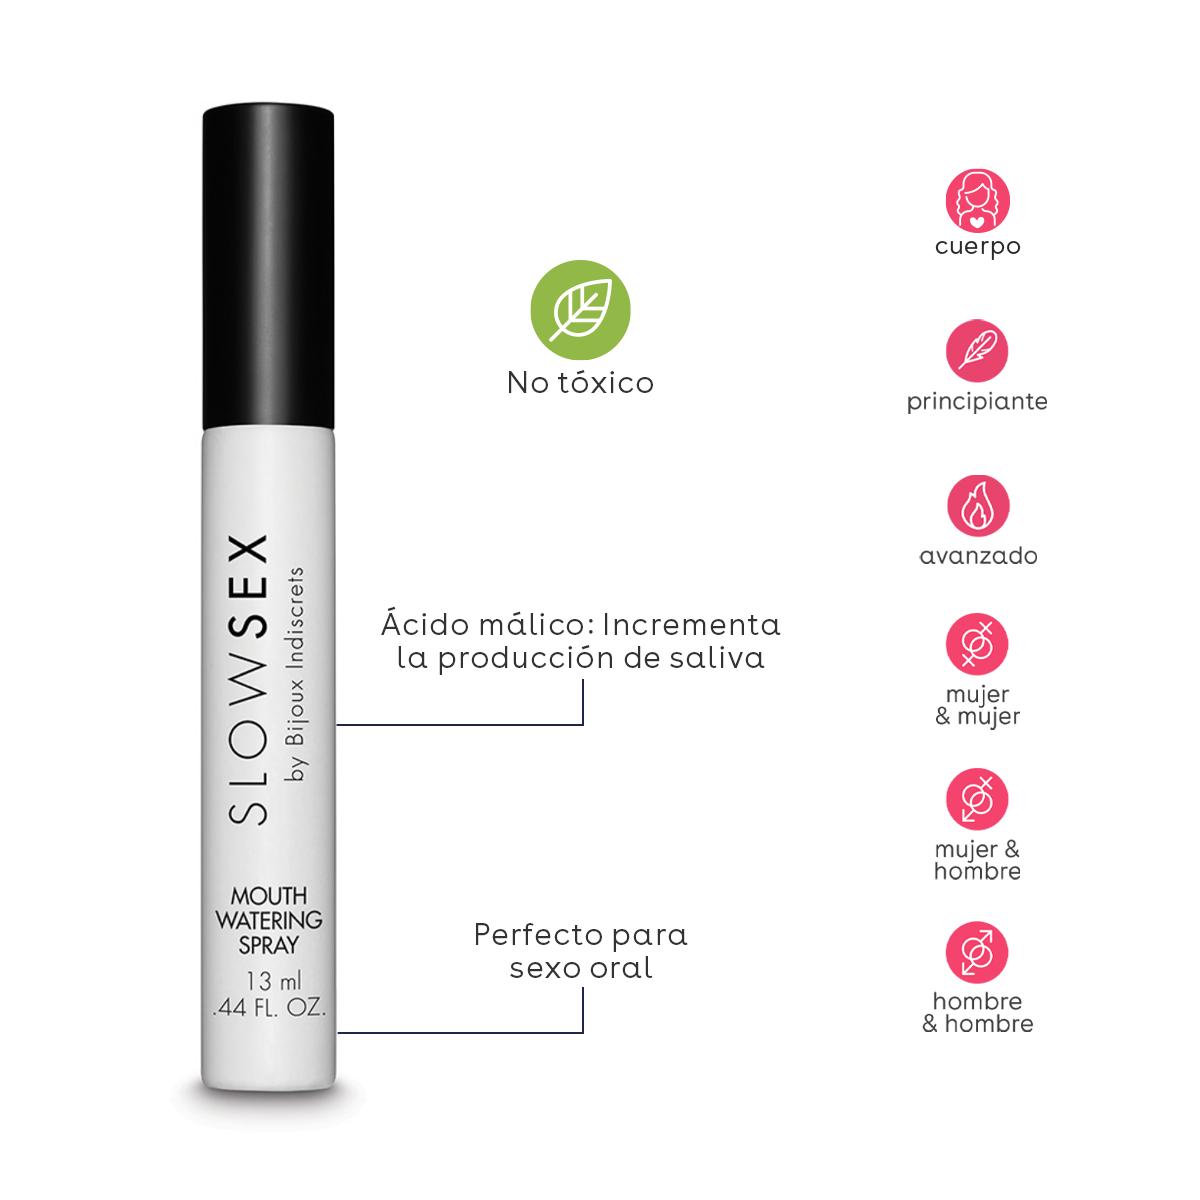 Spray salivador sexo oral